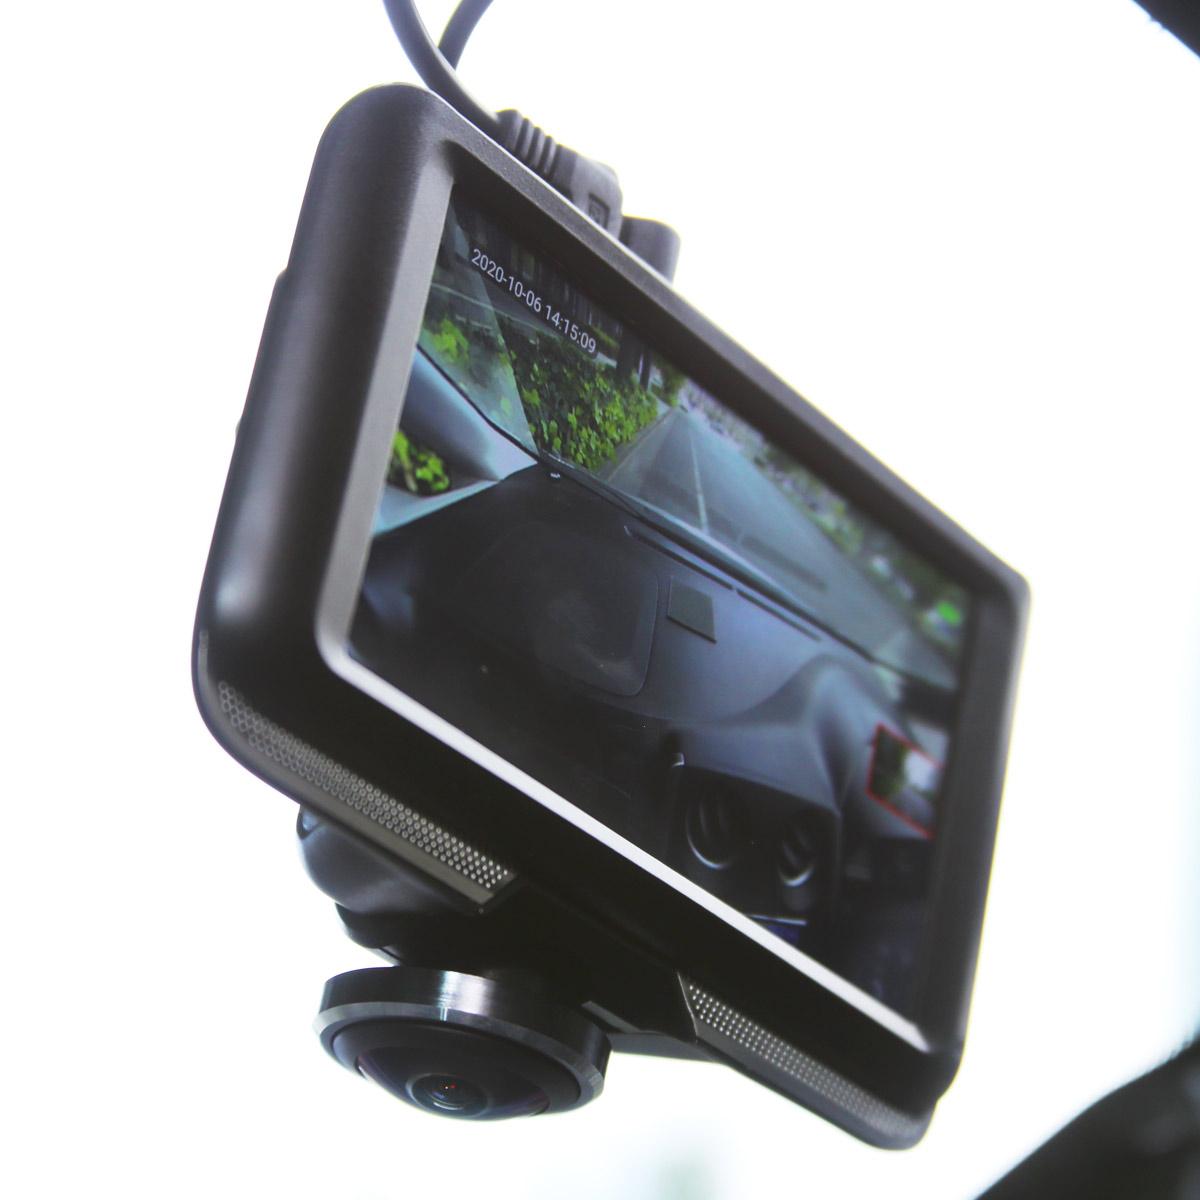 360度&リアカメラで16,800円! KEIAN「KDR-D360」ドラレコを試す